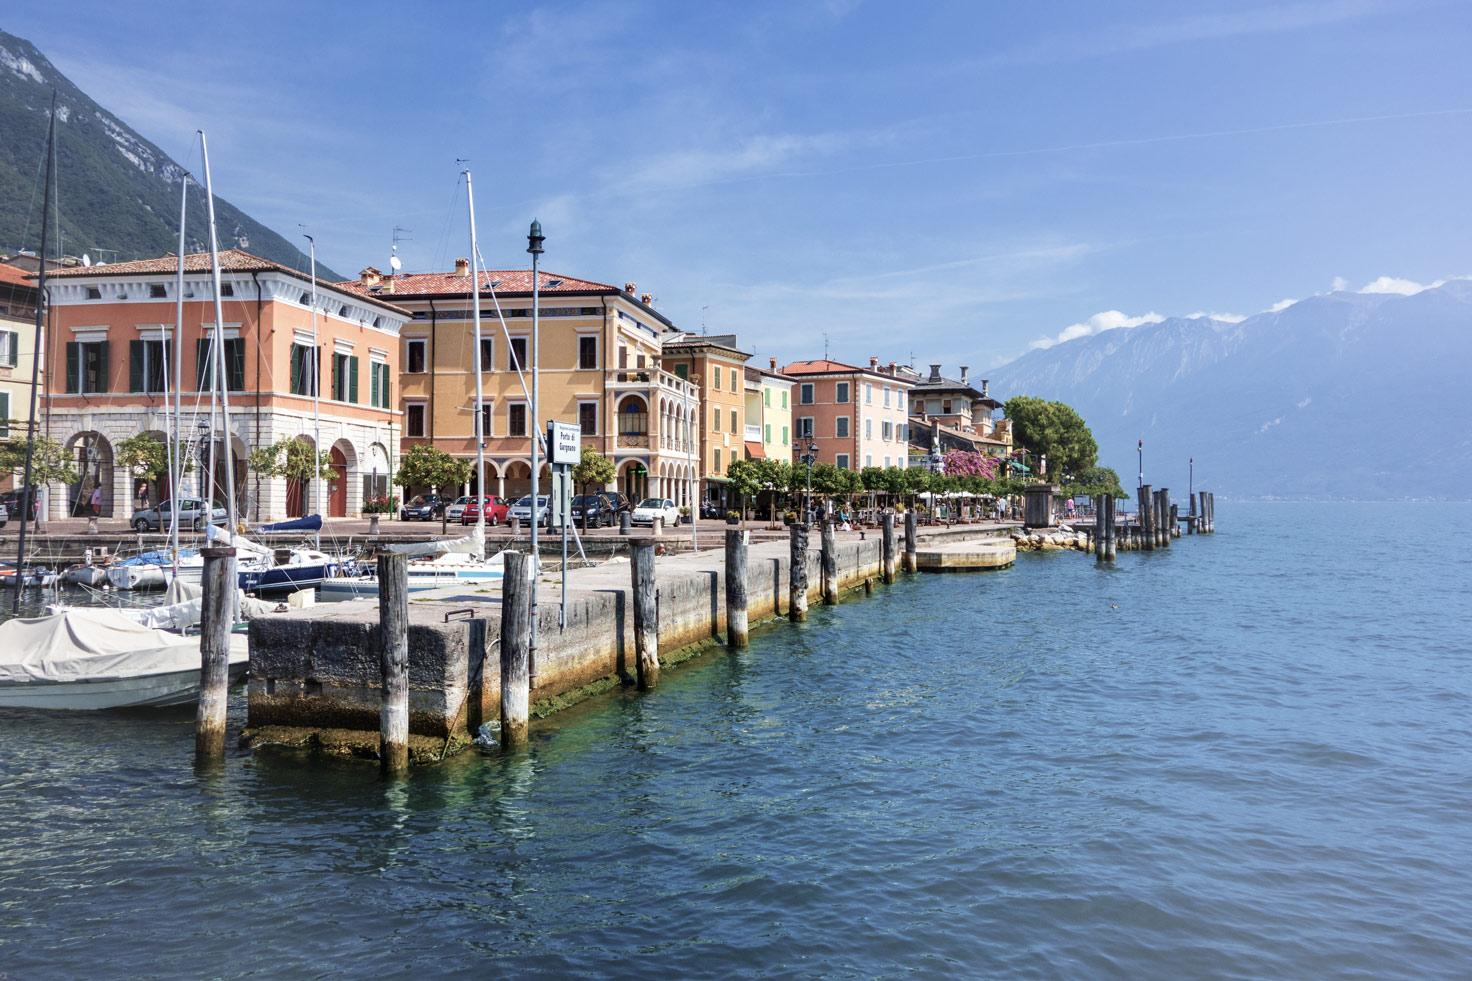 Der Hafen von Gargnano.